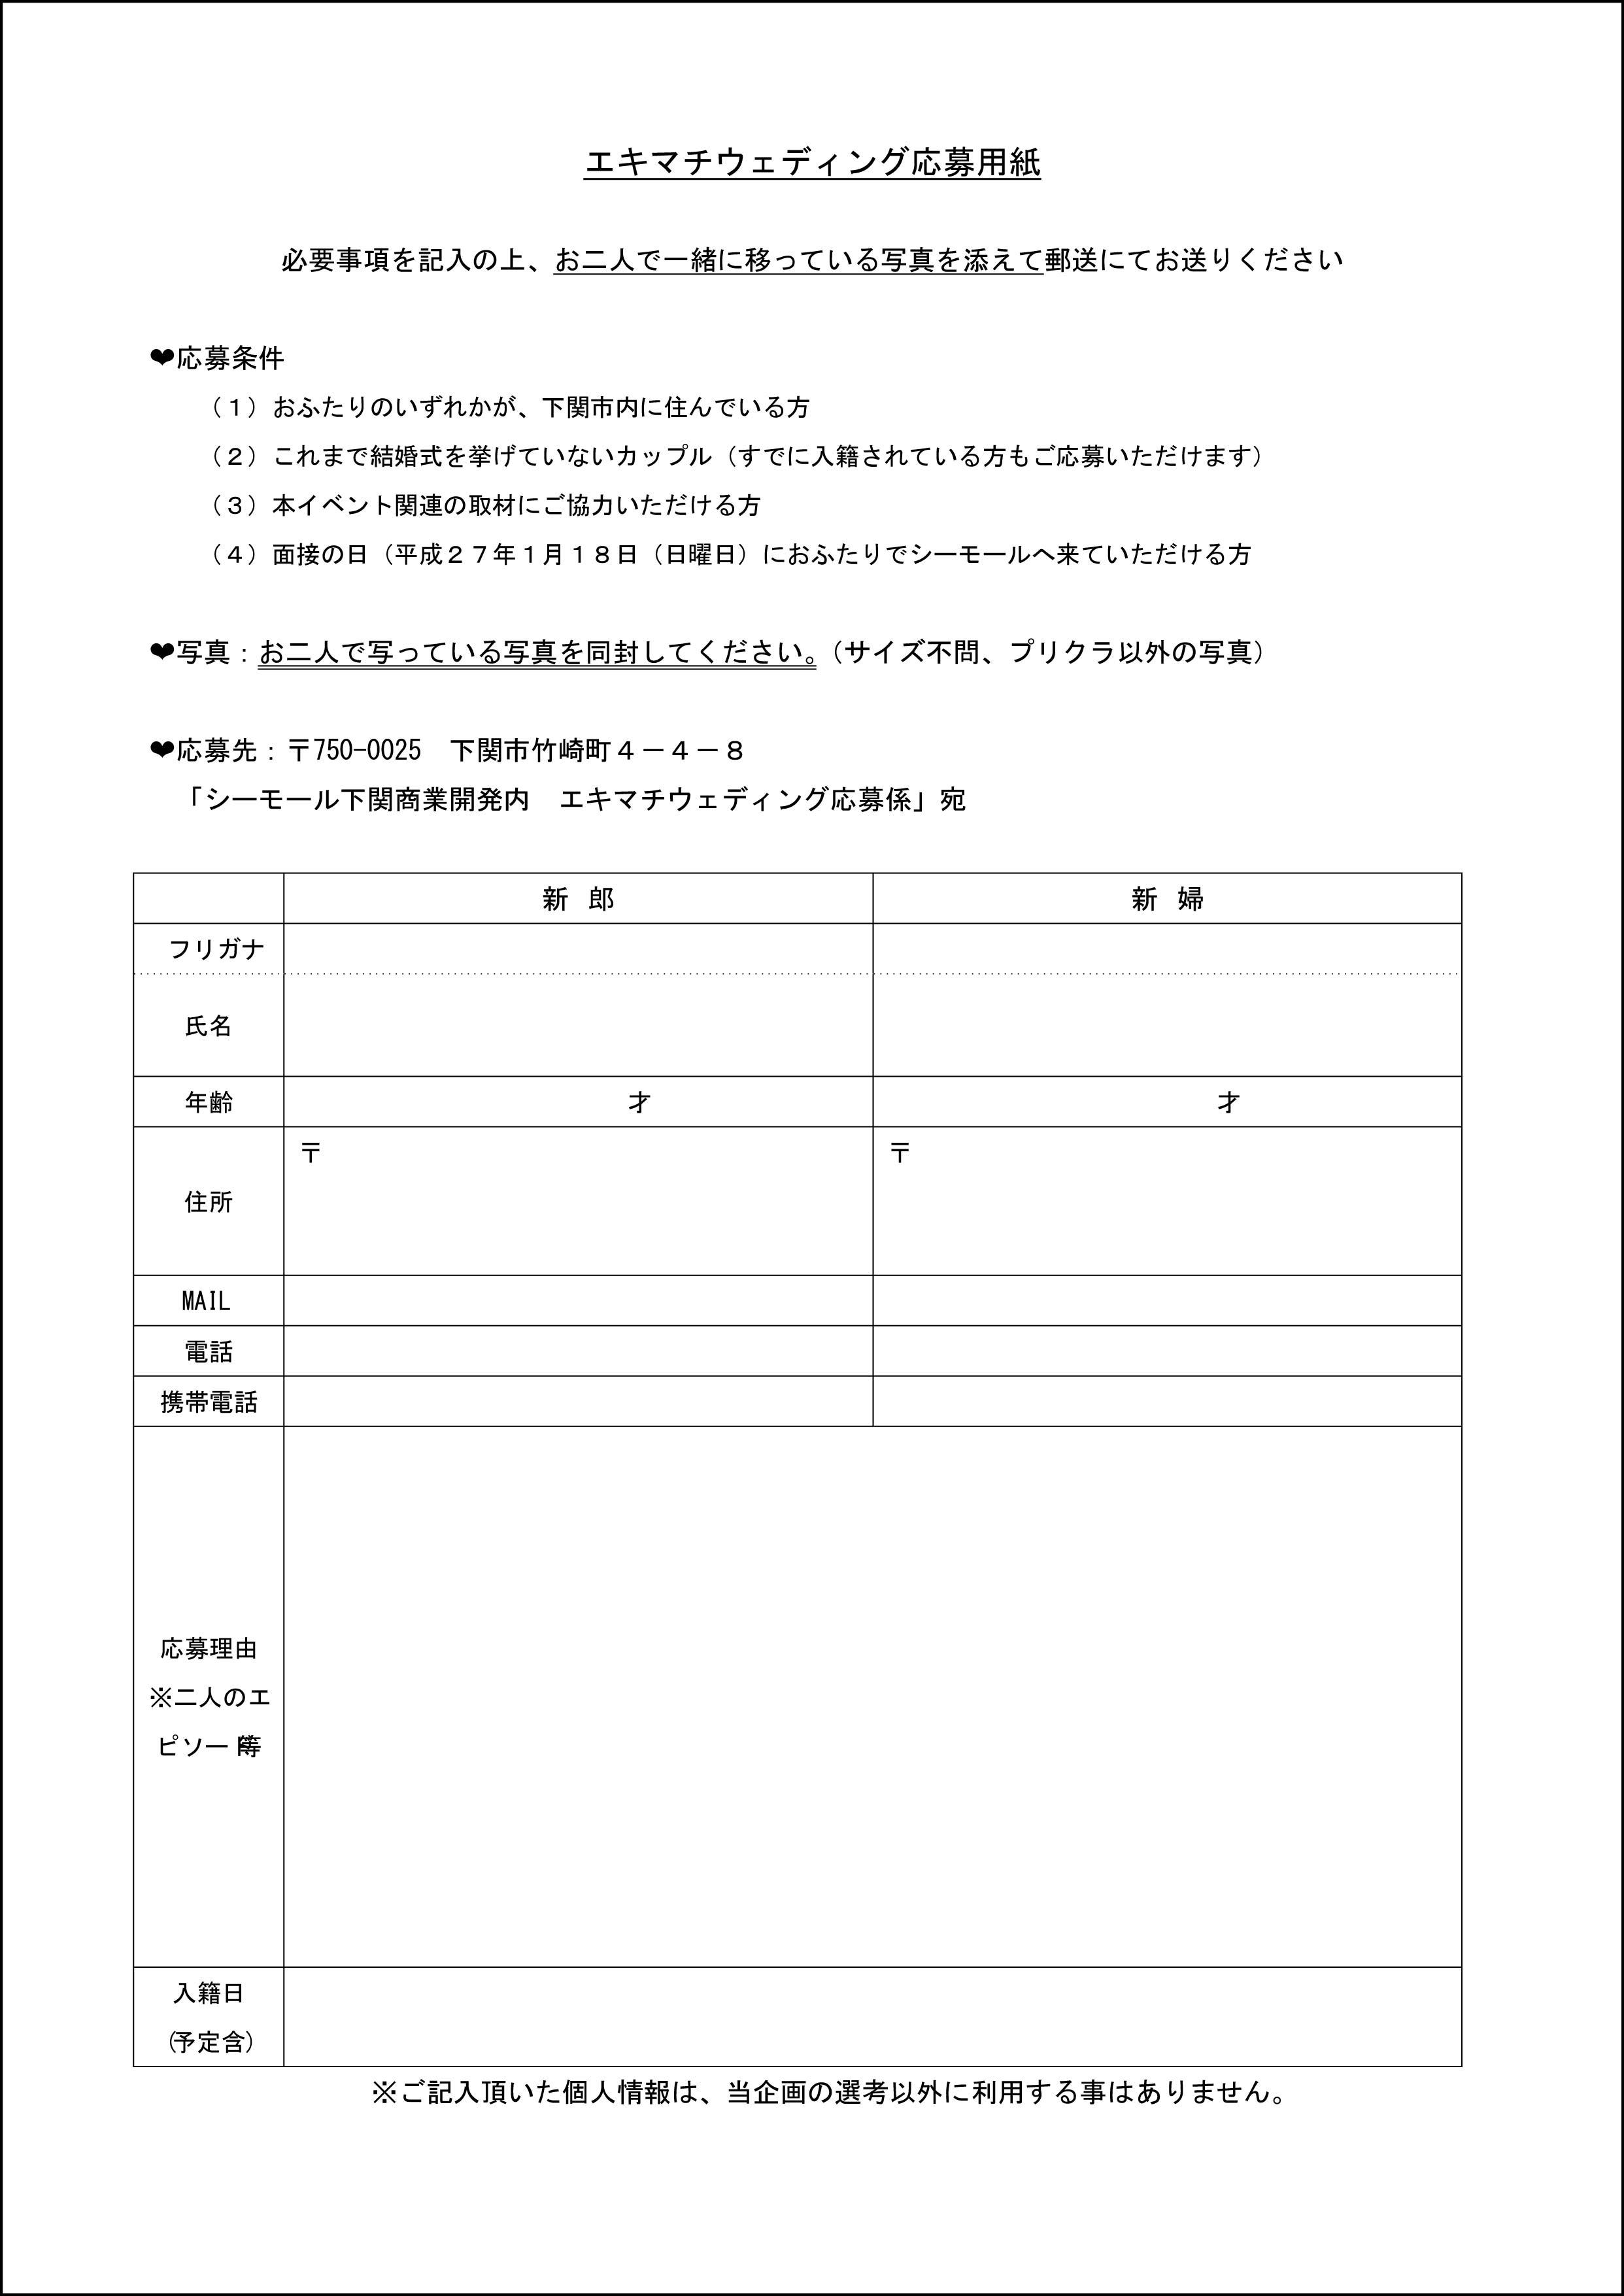 エキマチウェディング応募用紙